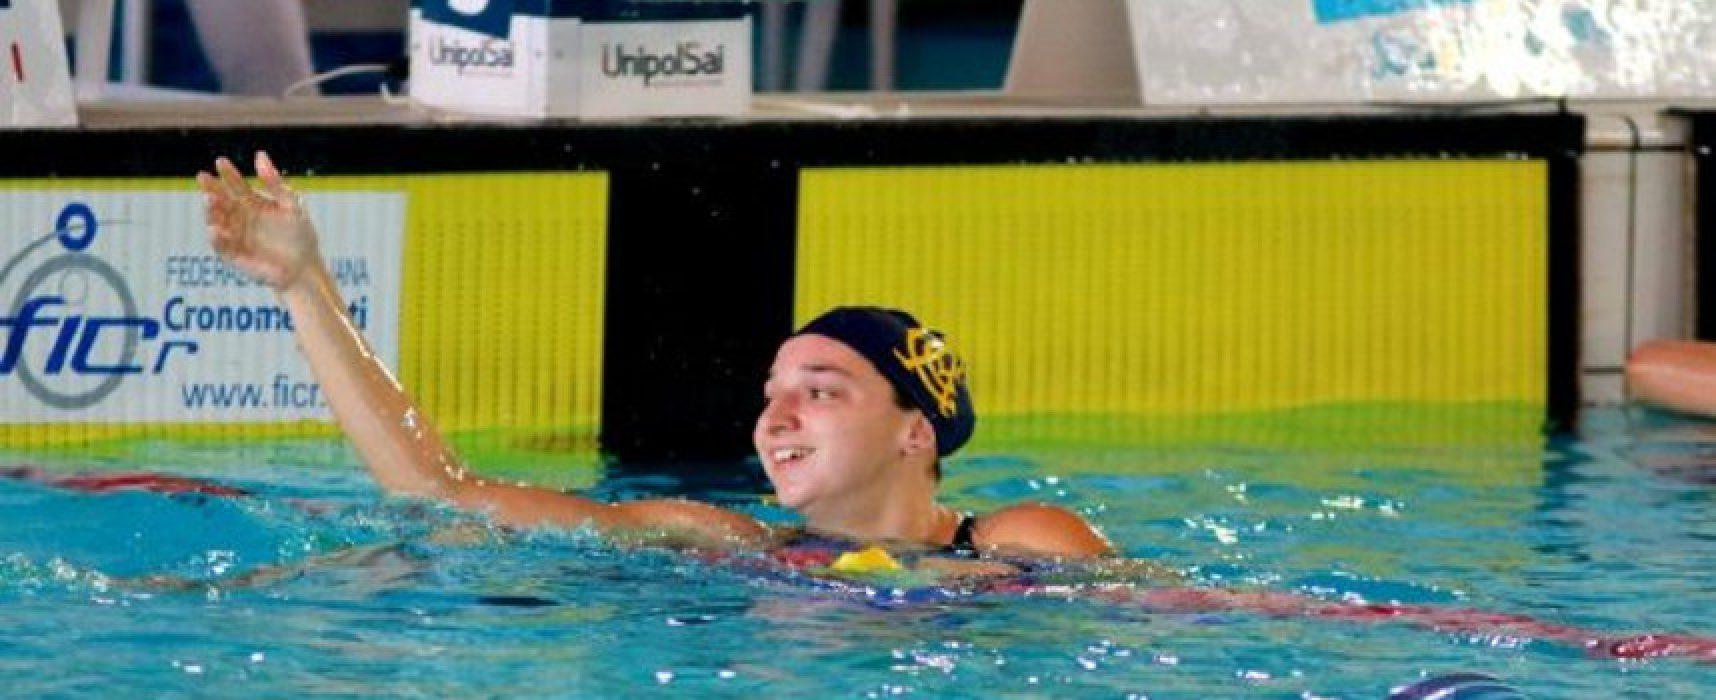 Nuoto, Elena Di Liddo d'argento agli Open di Madrid